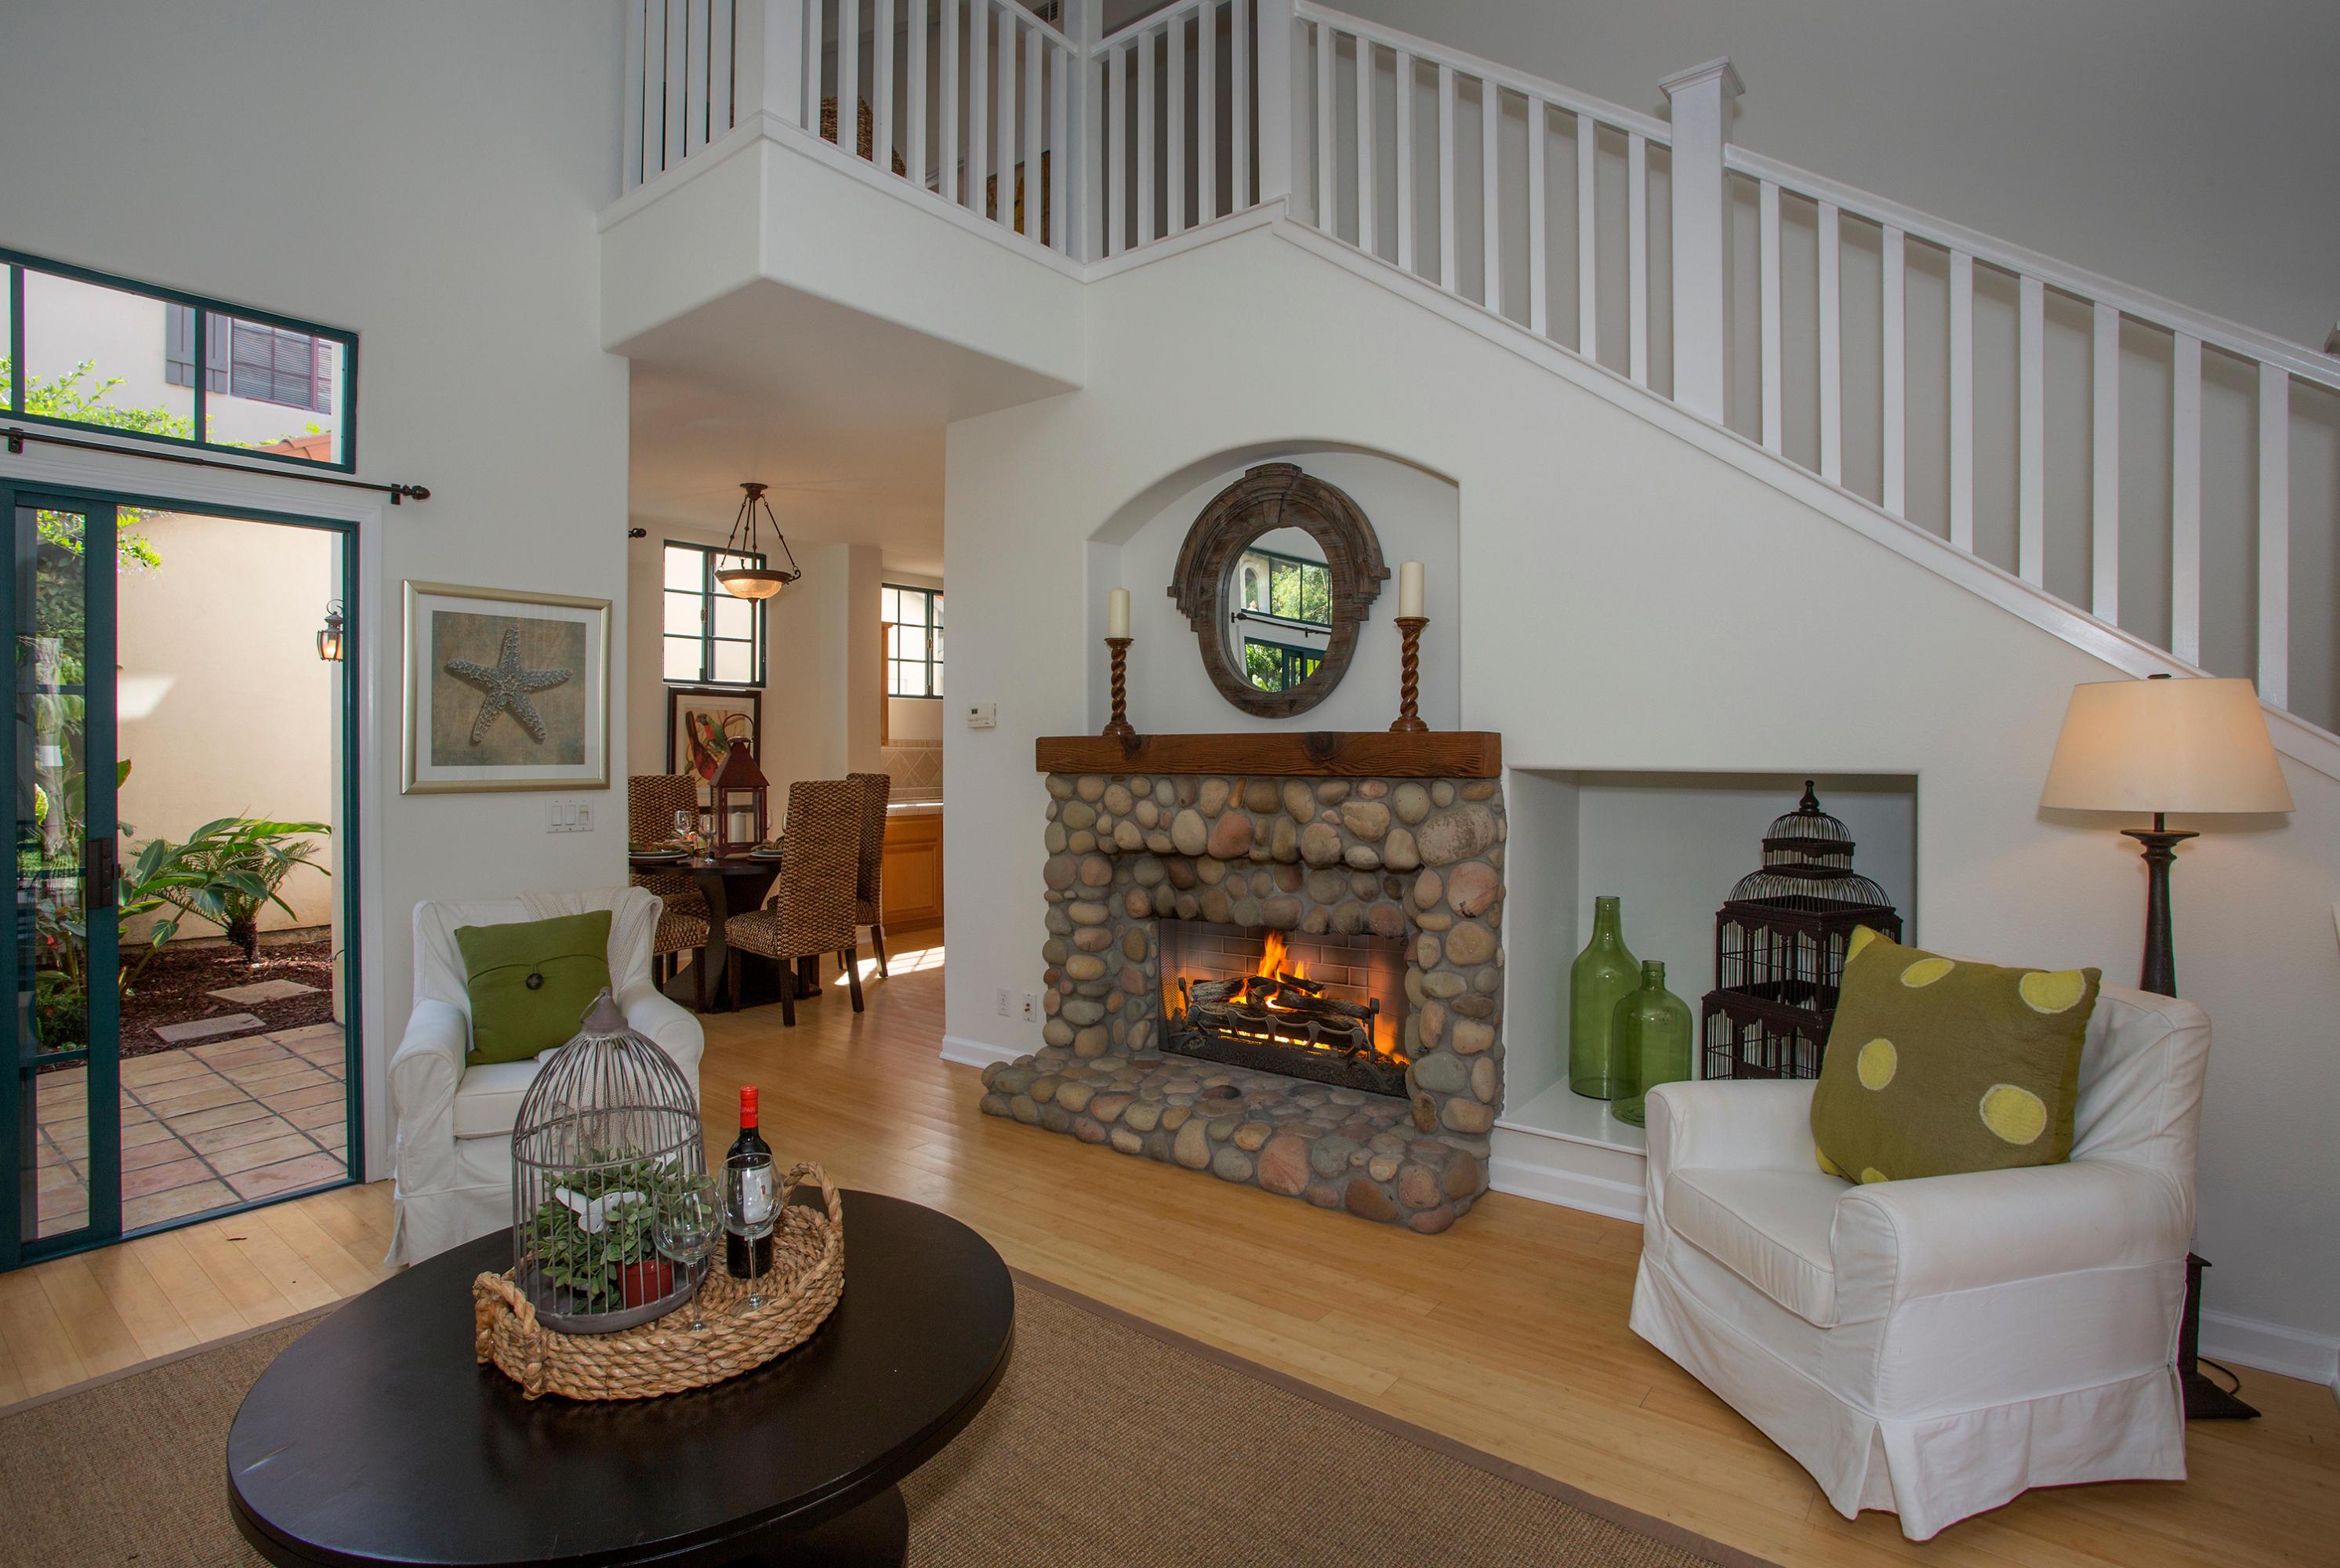 Property photo for 278 Calle Esperanza Santa Barbara, California 93105 - 15-847